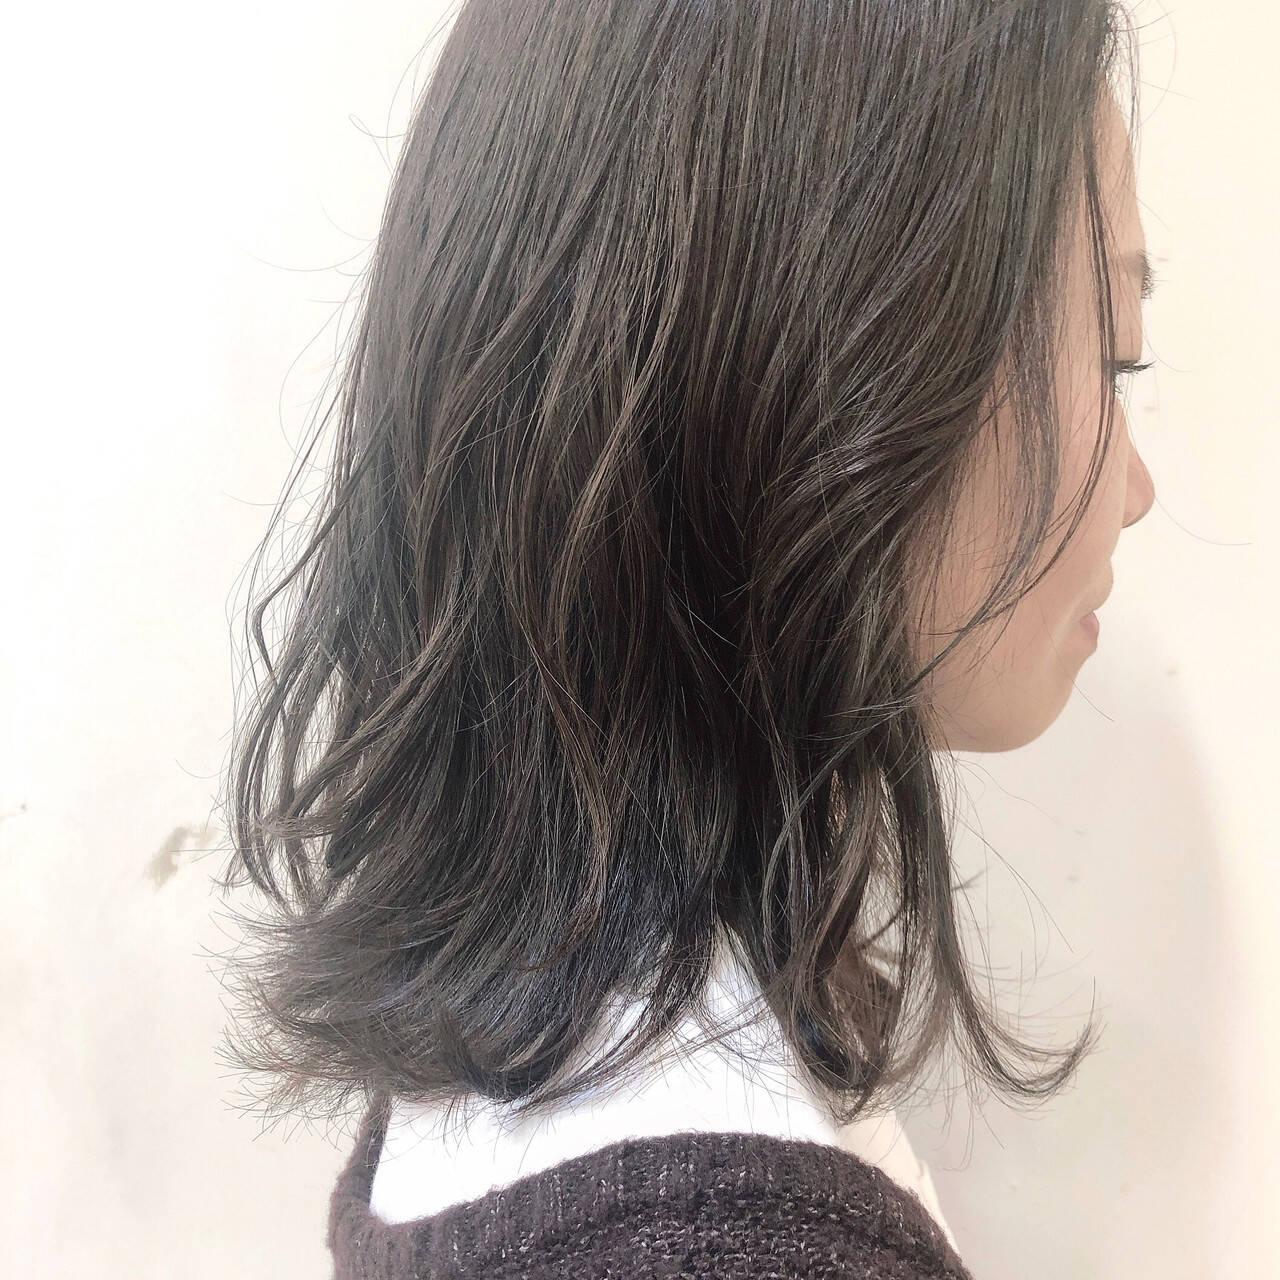 ハイライト 外国人風 ナチュラル 大人ハイライトヘアスタイルや髪型の写真・画像